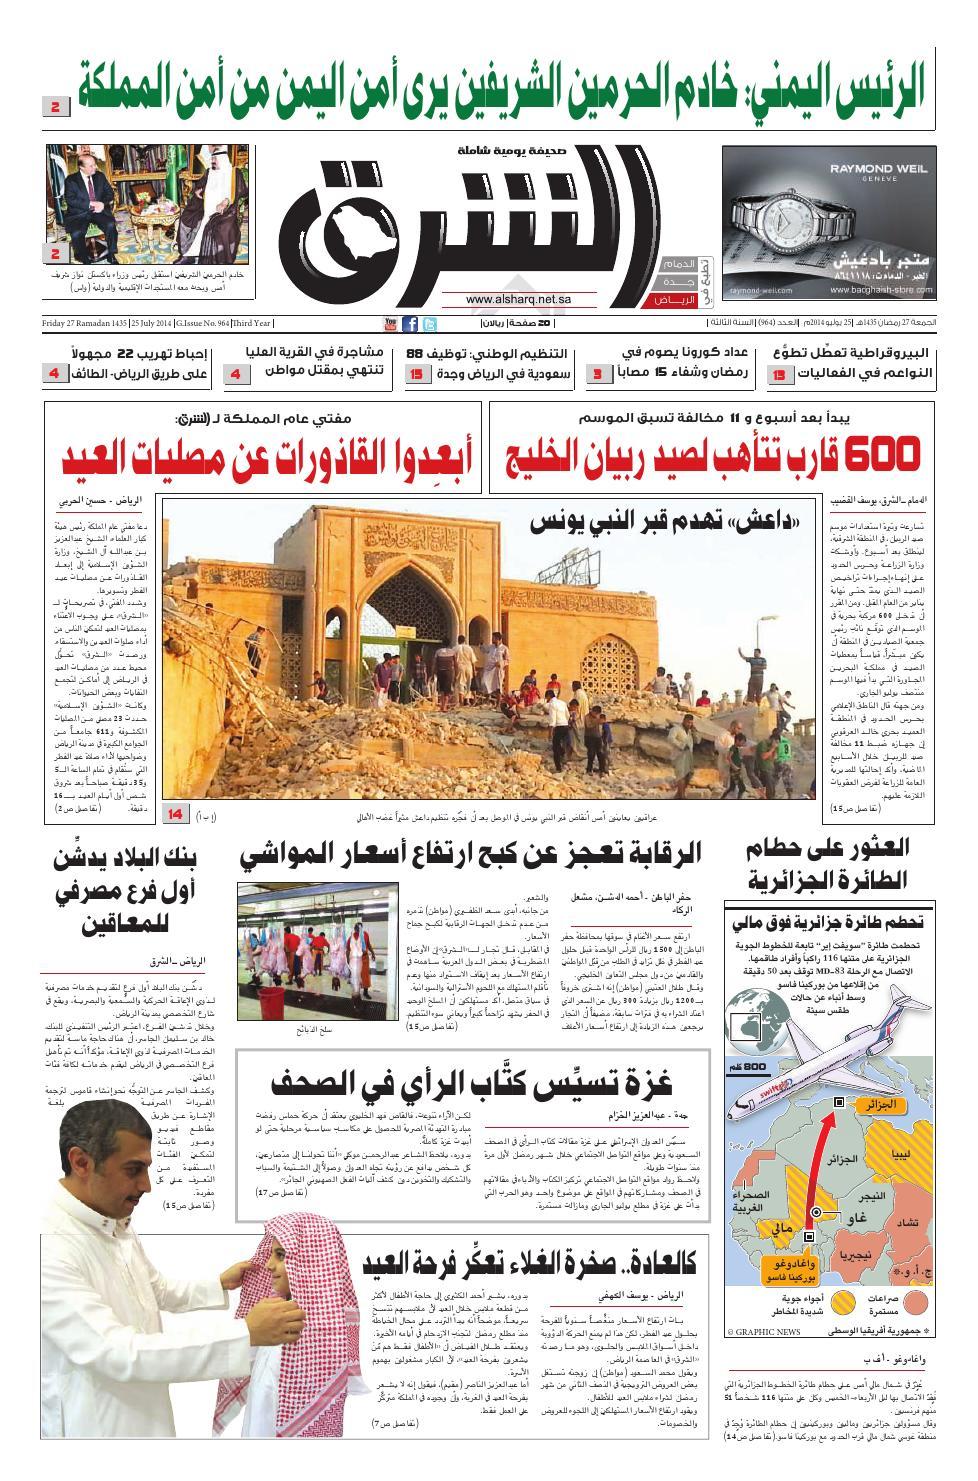 8729c92b679a6 صحيفة الشرق - العدد 964 - نسخة الرياض by صحيفة الشرق السعودية - issuu